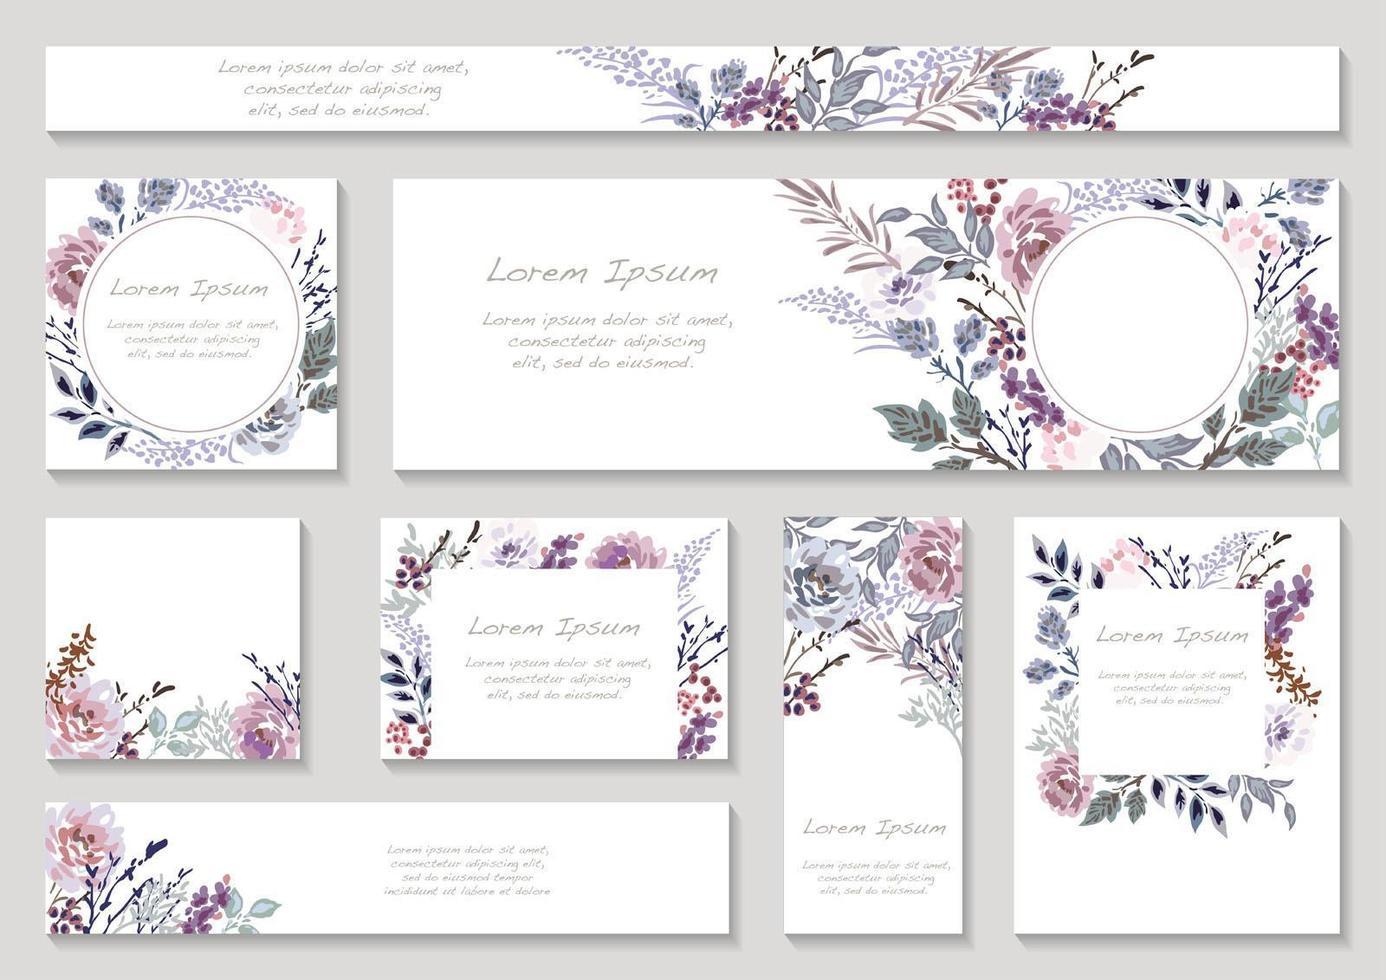 jeu de cartes florales aux tons violets avec espace de texte vecteur